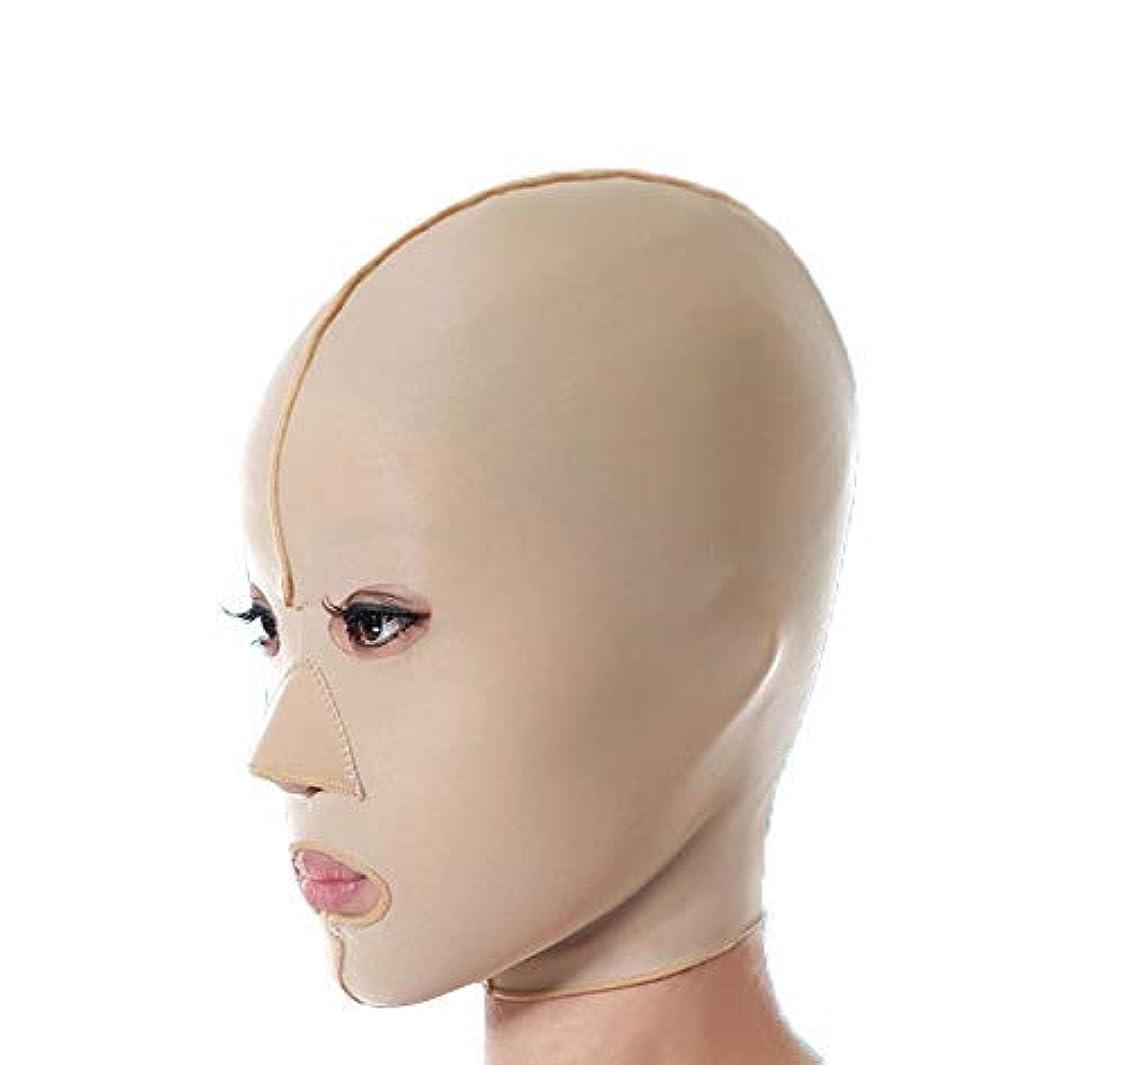 ご予約砂近々ファーミングフェイスマスク、フェイシャルマスク医学強力なフェイスマスクアーティファクト美容垂れ防止法パターンフェイシャルリフティングファーミングフルフェイスマスク(サイズ:M),Xl